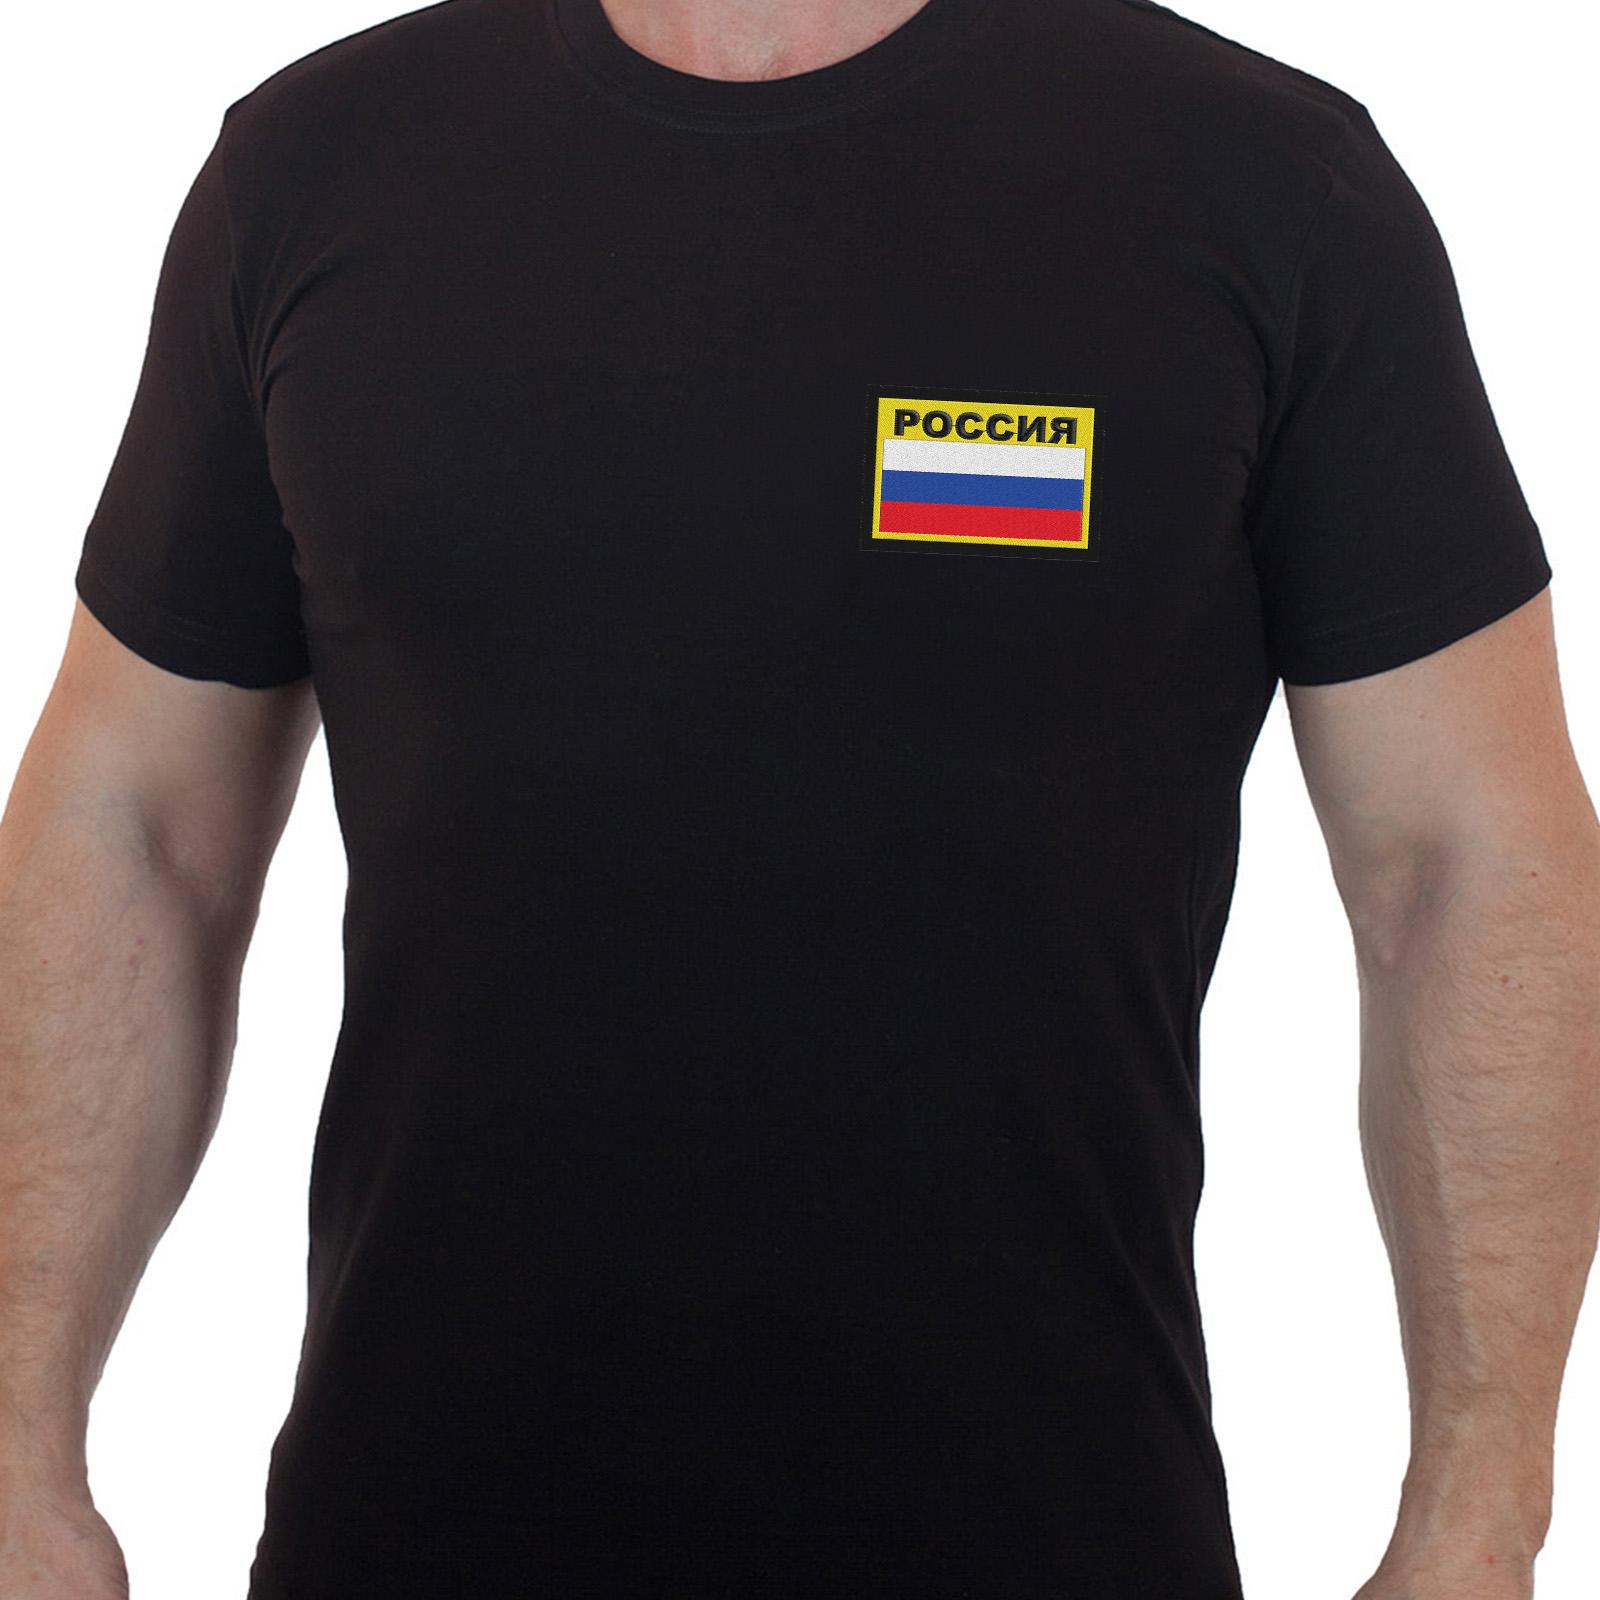 Мужская черная футболка с вышитым флагом России